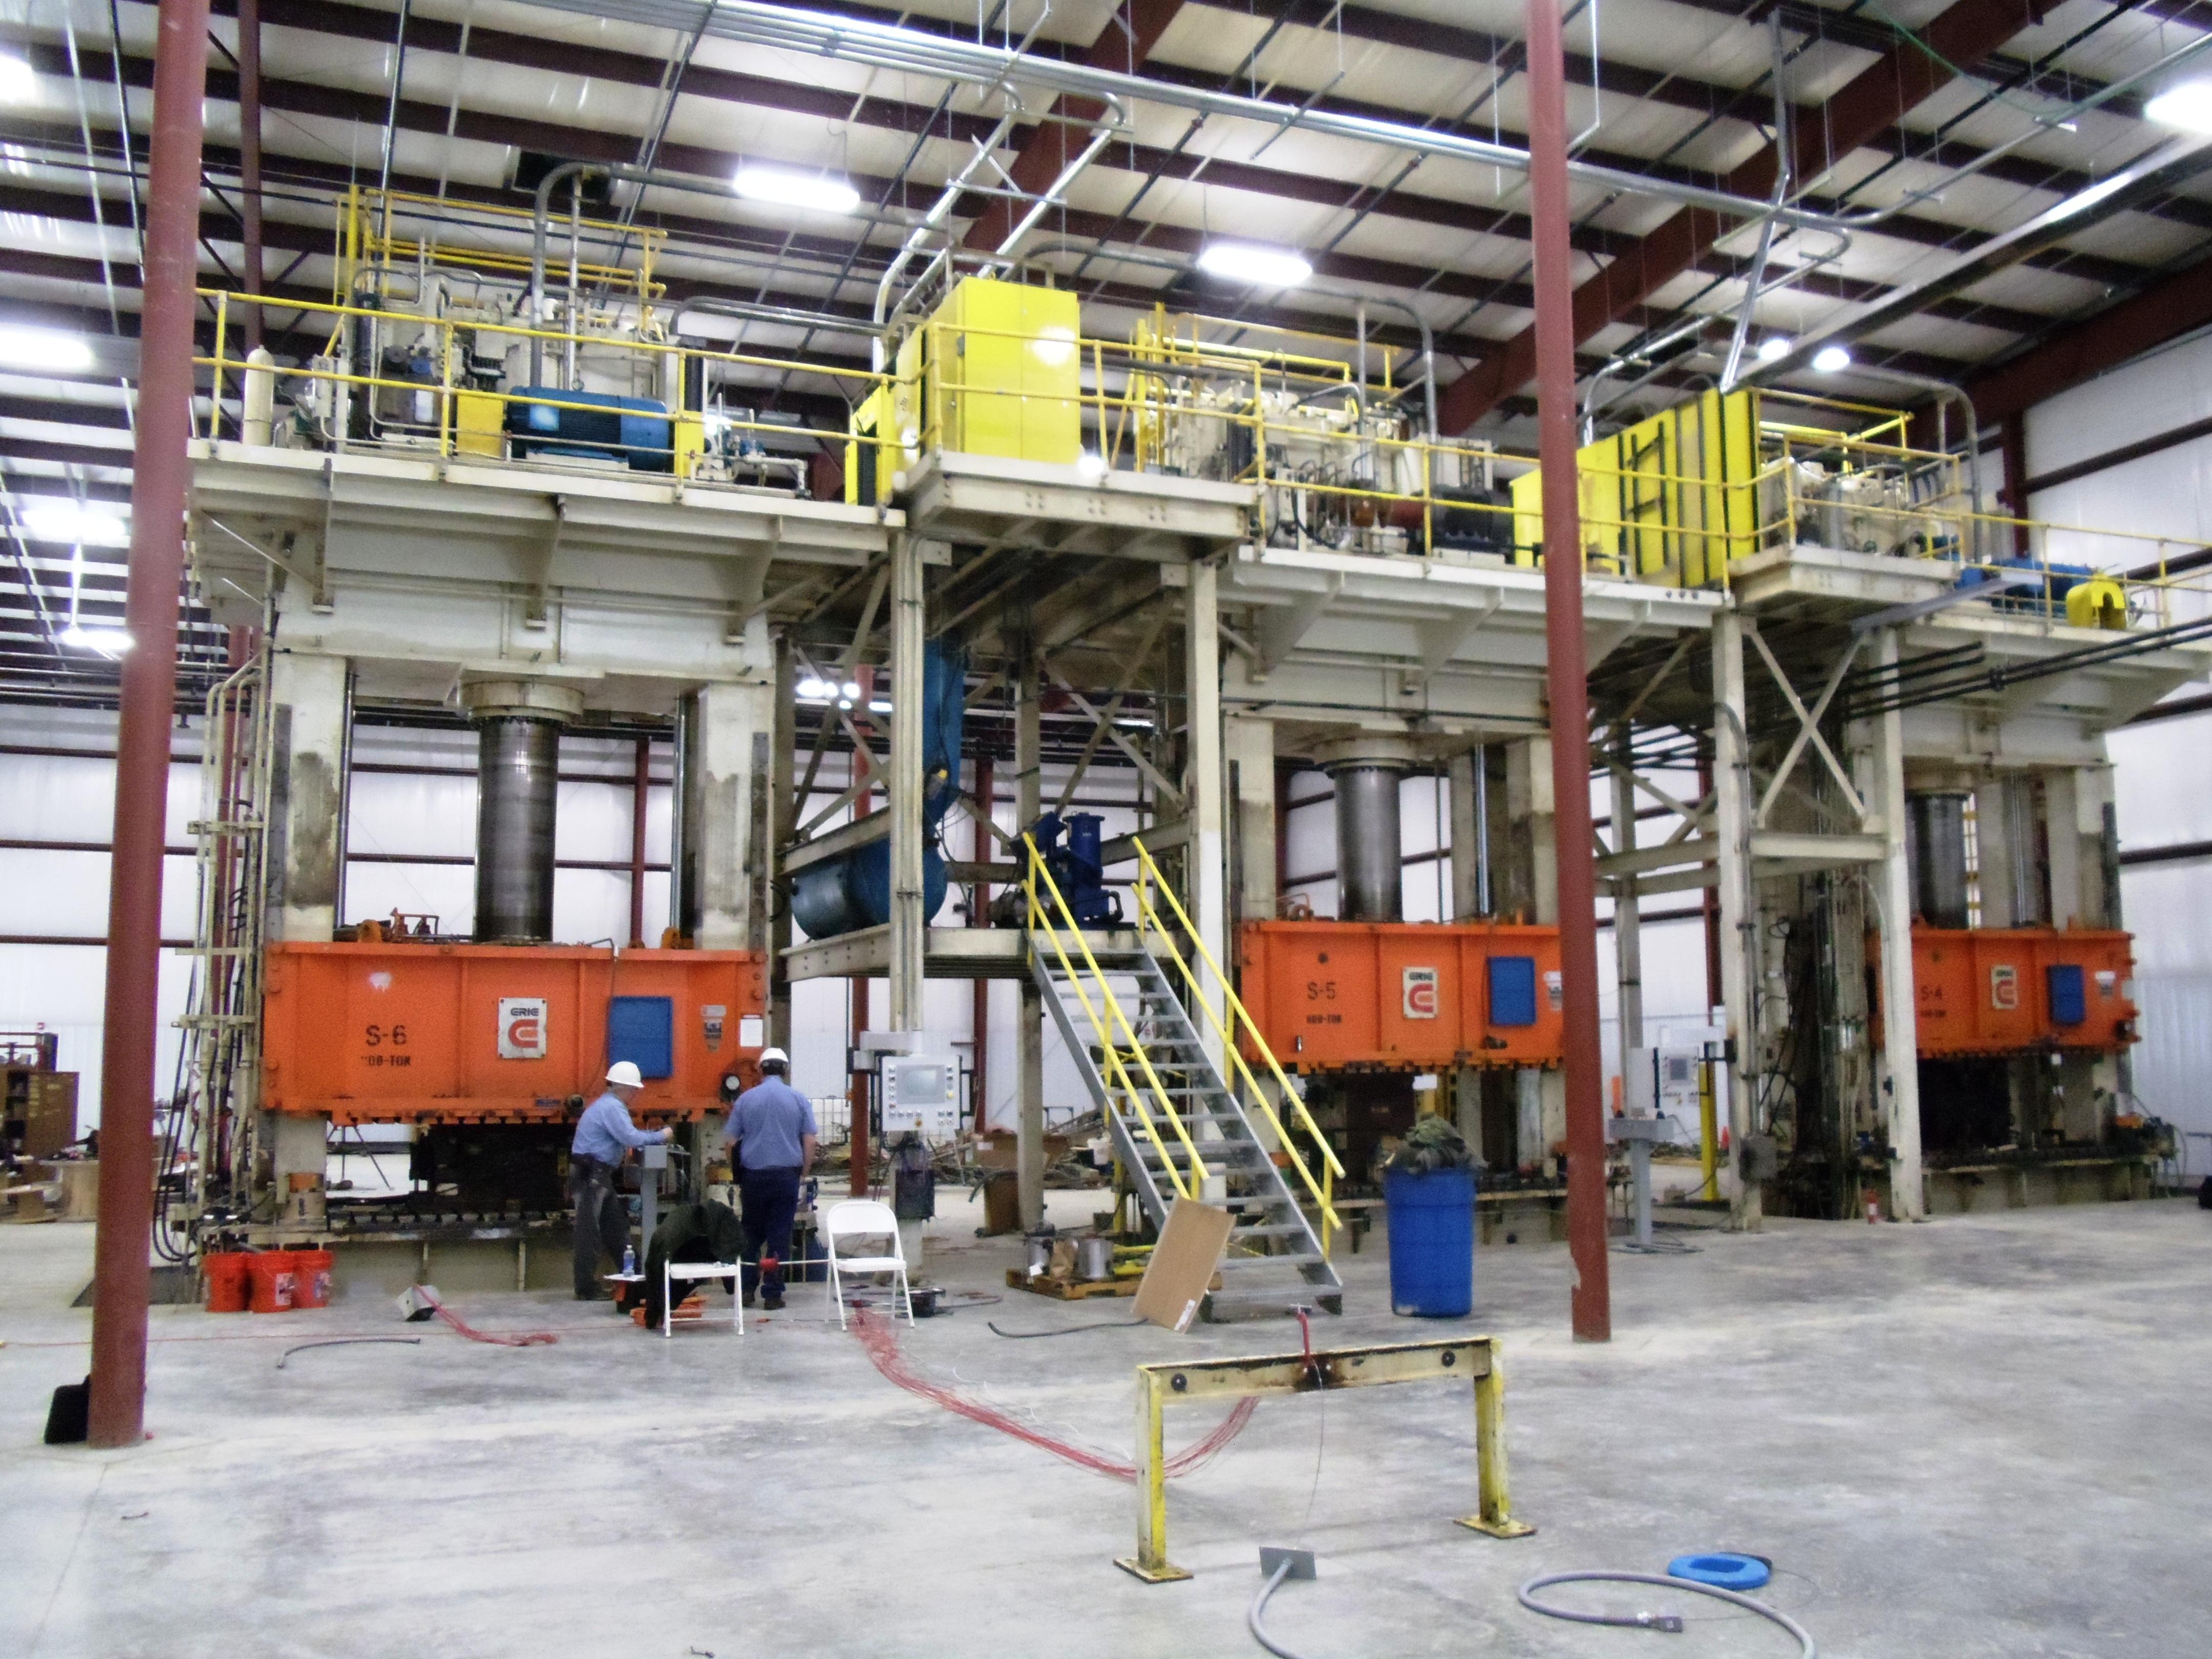 Repair, Upgrade and Relocation - Three Composite Presses